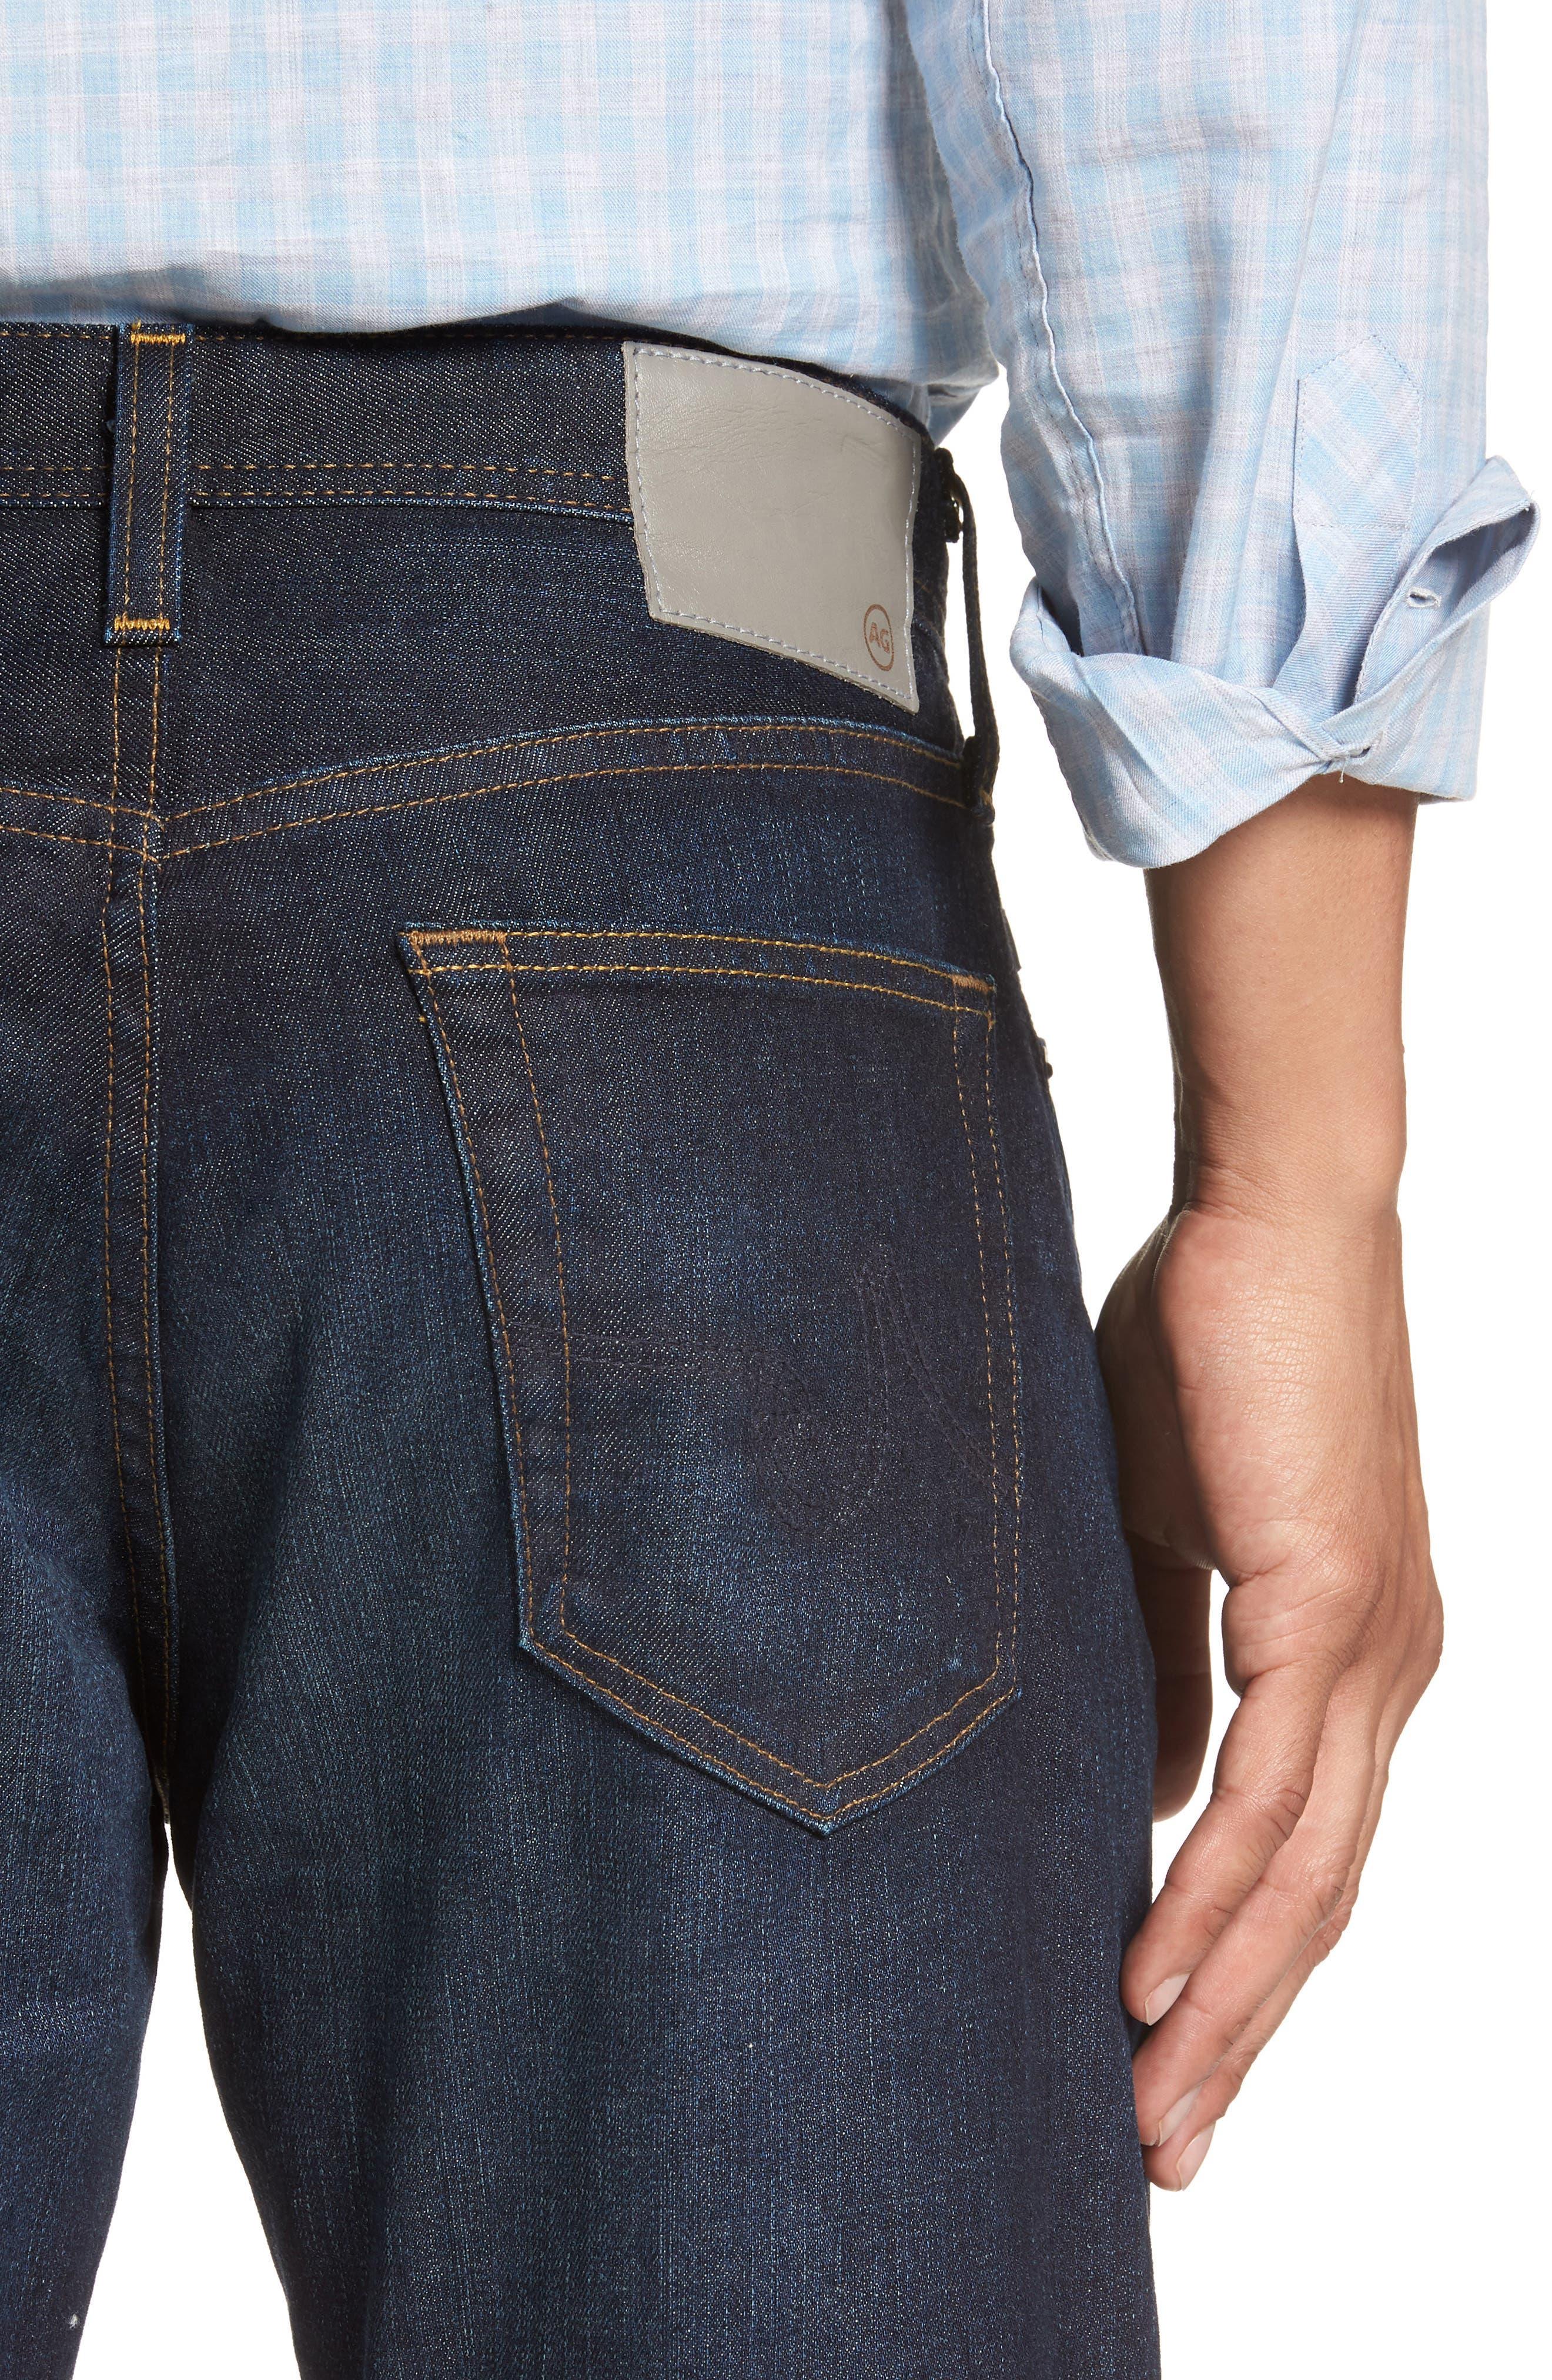 Everett Slim Straight Leg Jeans,                             Alternate thumbnail 4, color,                             5 YEARS CASINO